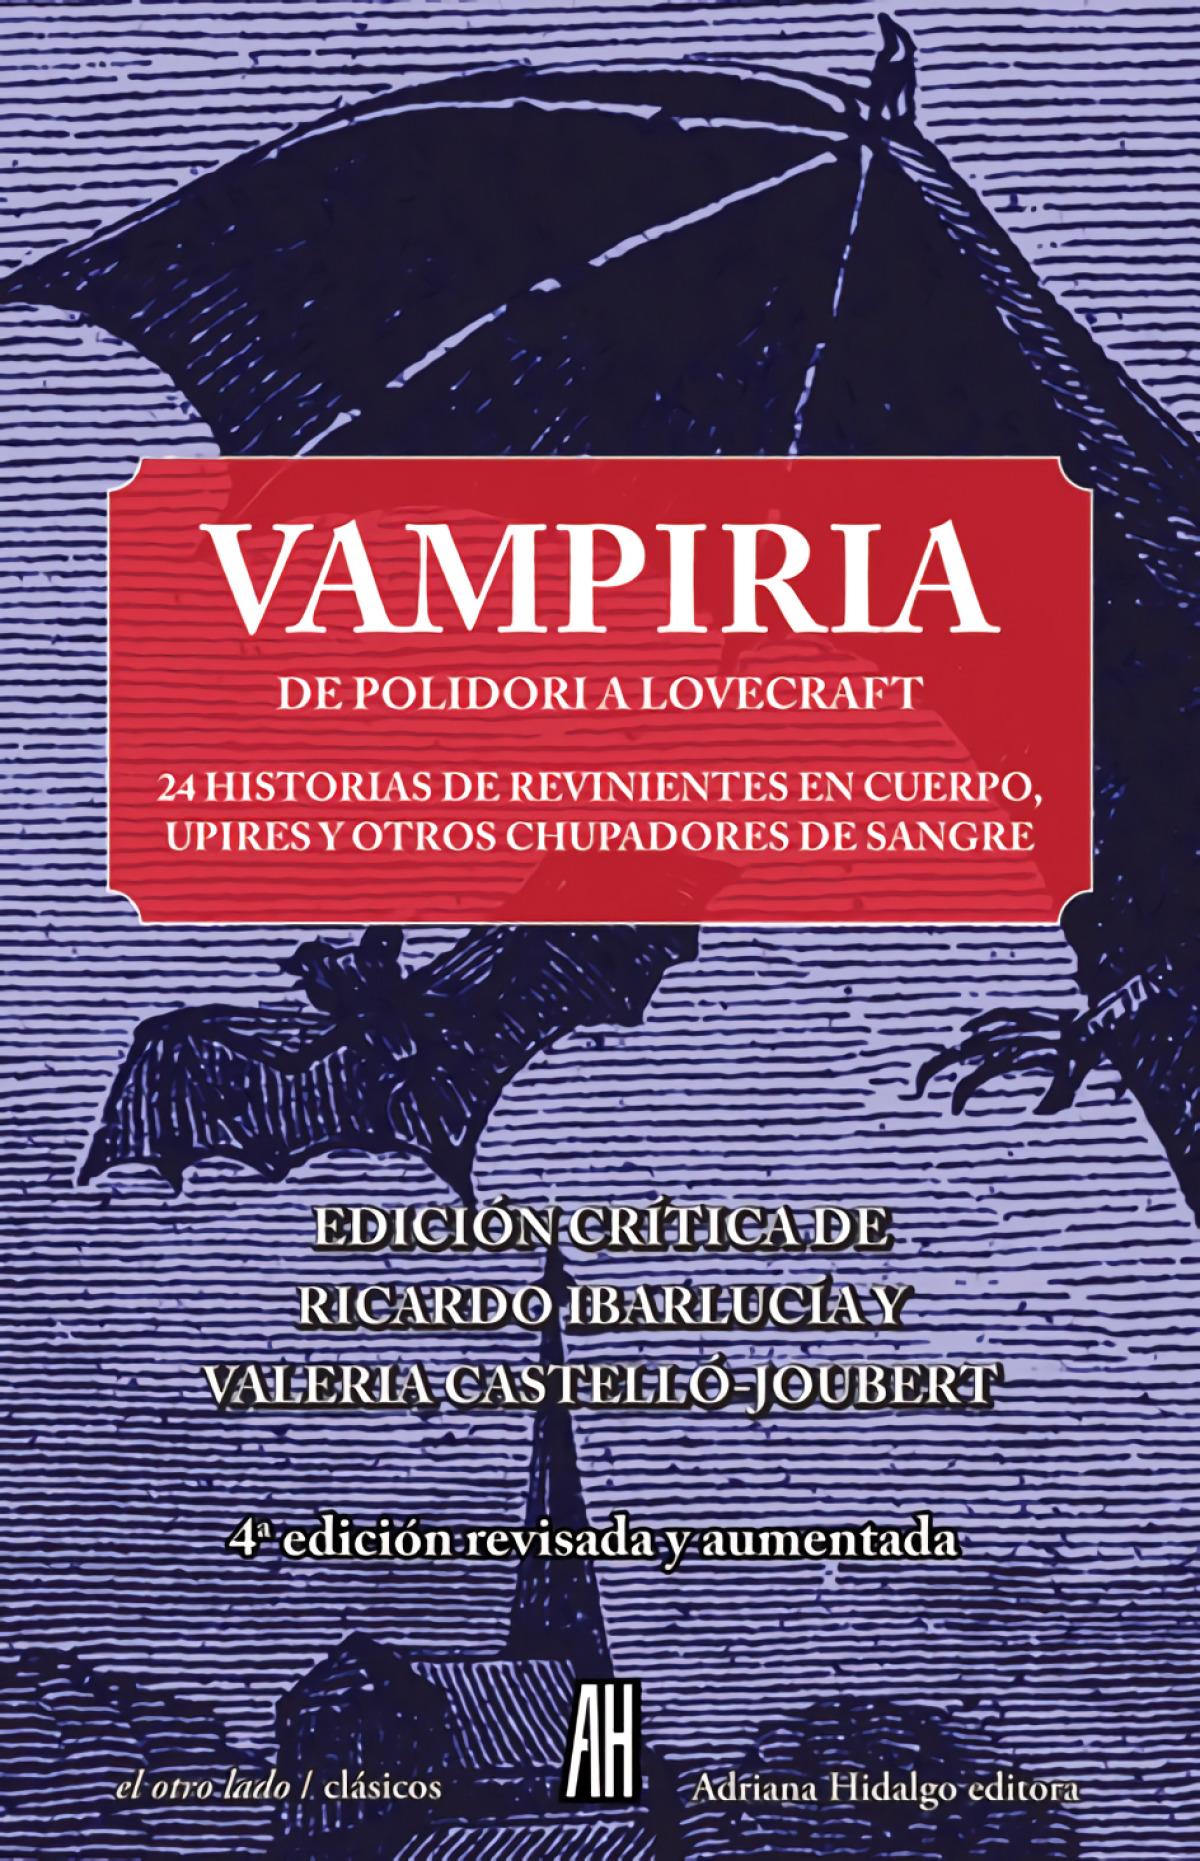 VAMPIRIA. De Polidori a Lovecraft.